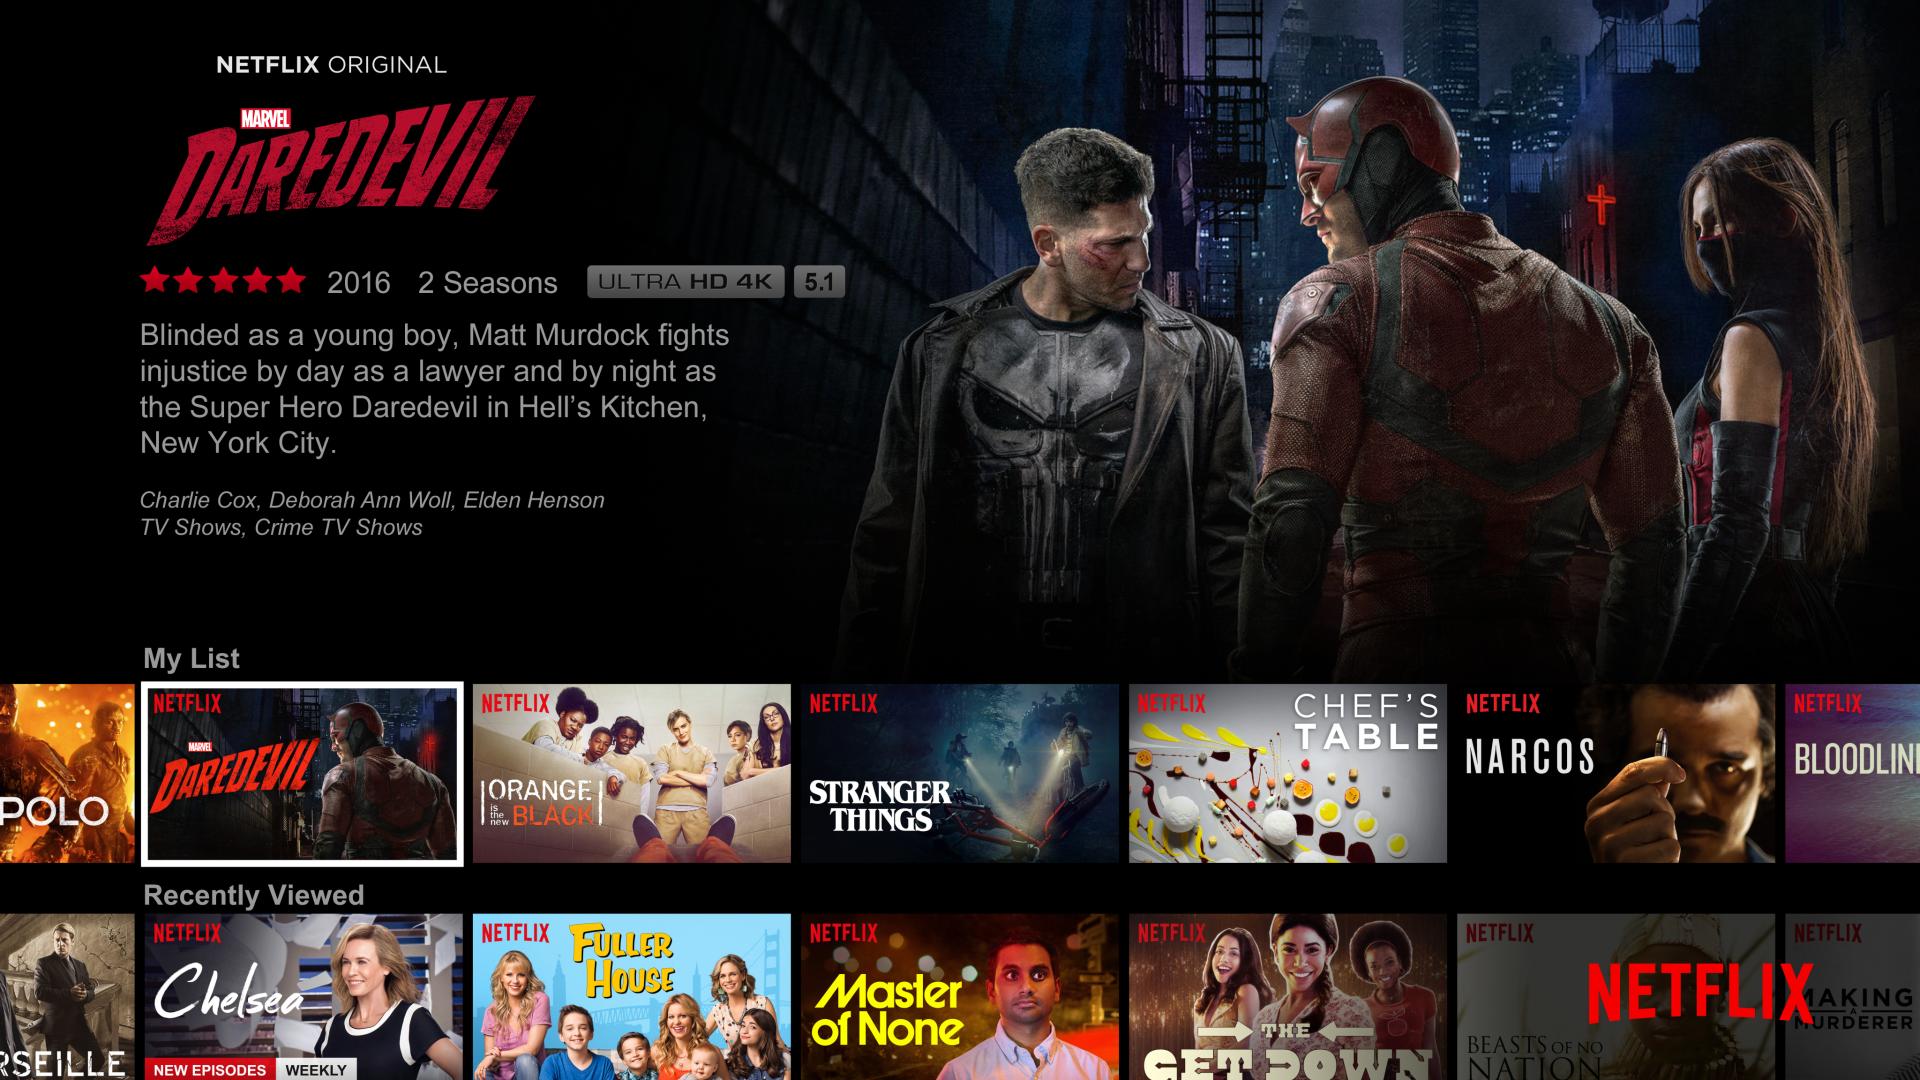 Netflix interface featuring original content